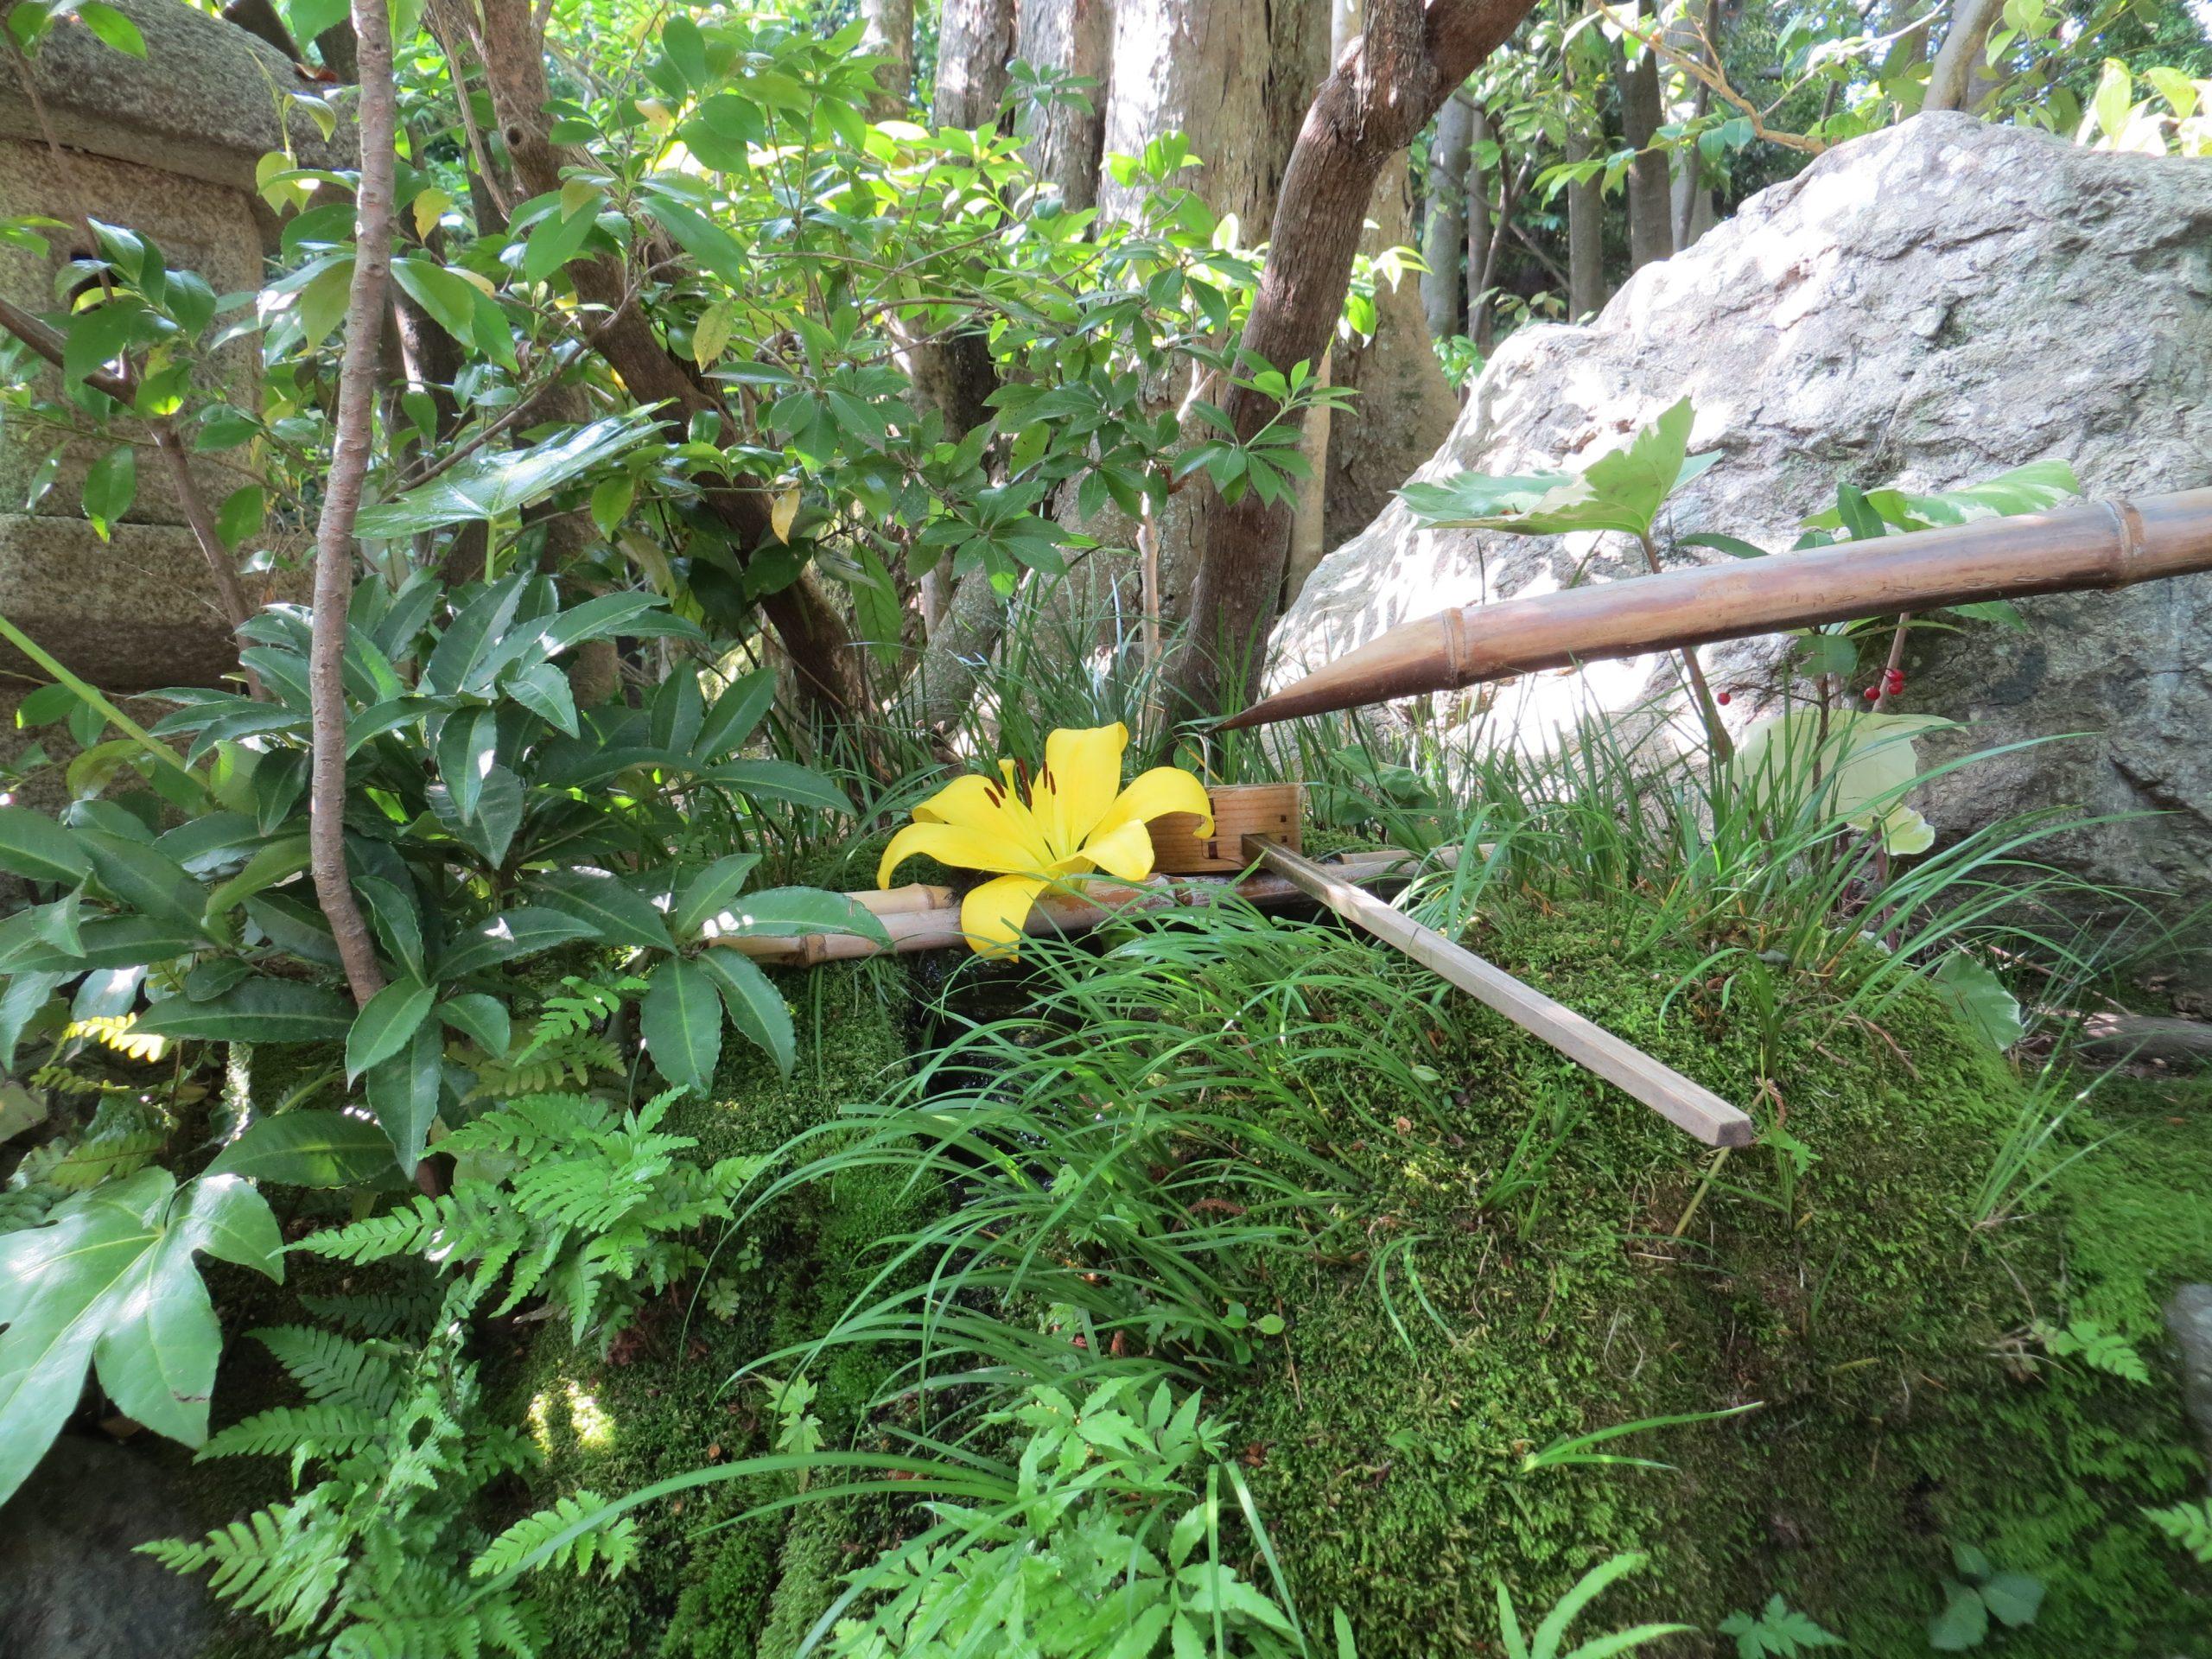 Programme MBSR Atelier découverte zen fontaine japonaise bambou fleur Méditation Mindfulness